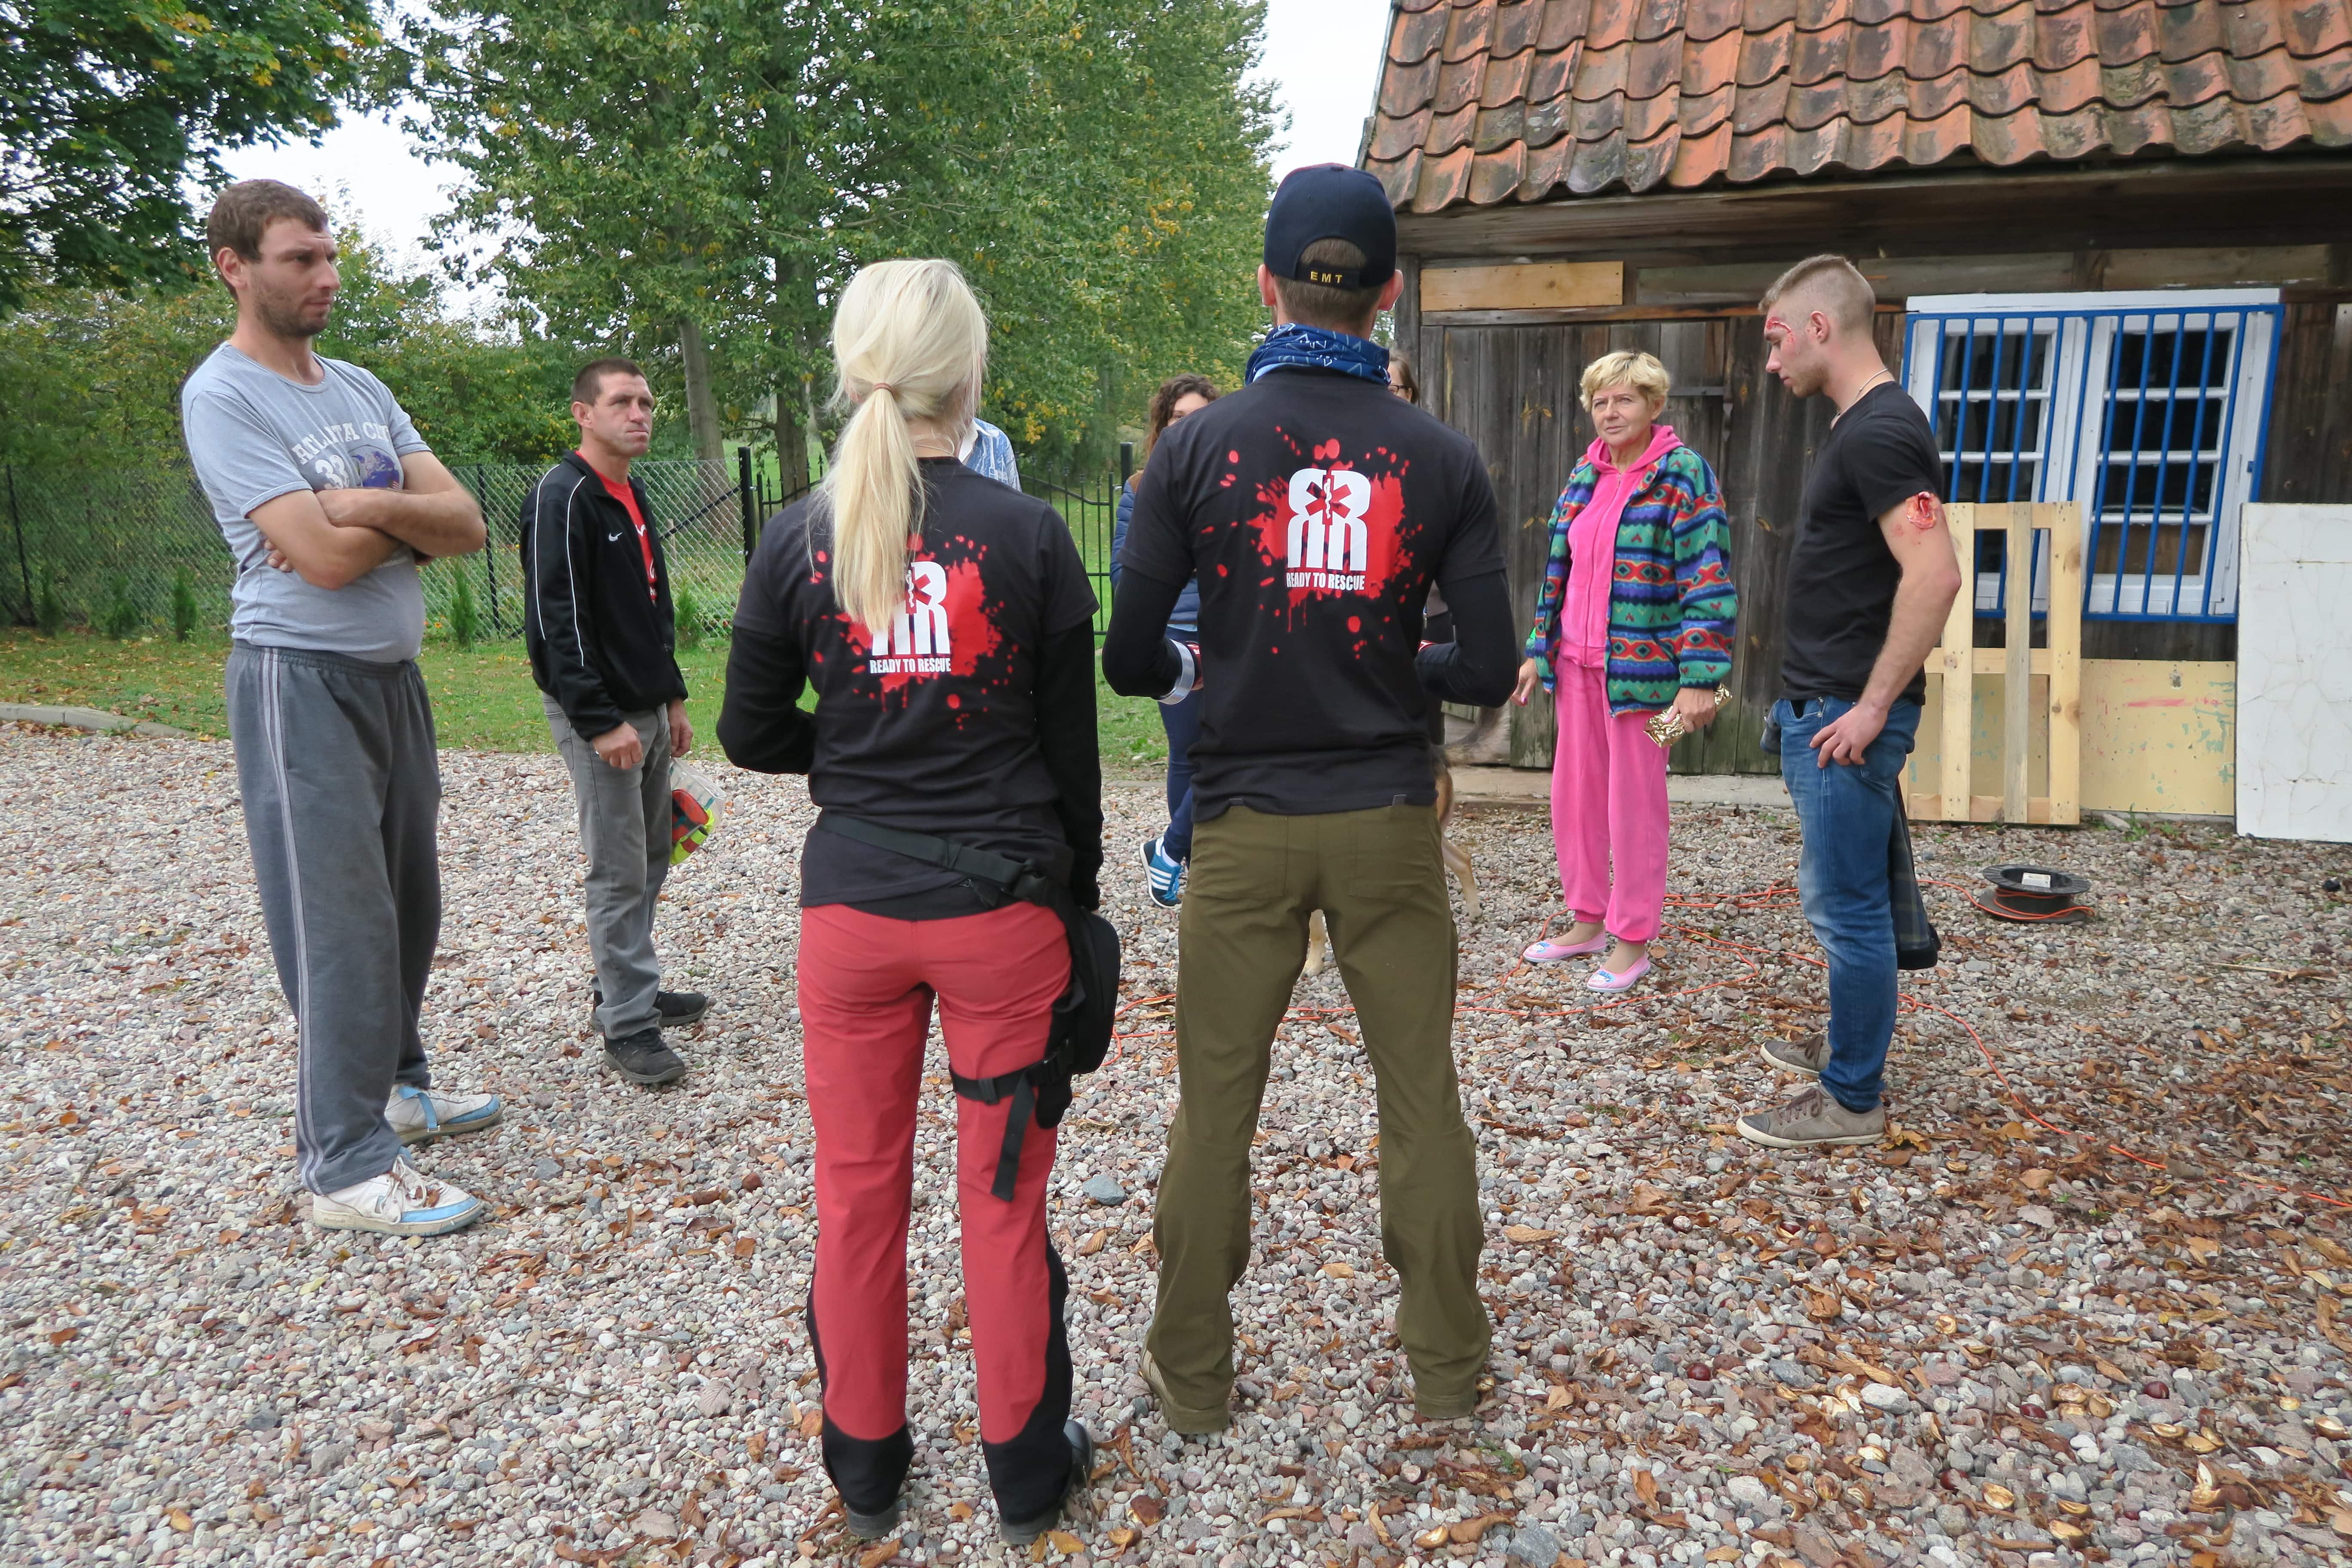 21.szkolenie z pierwszej pomocy dla osób starszych, Ready2Rescue Team class=